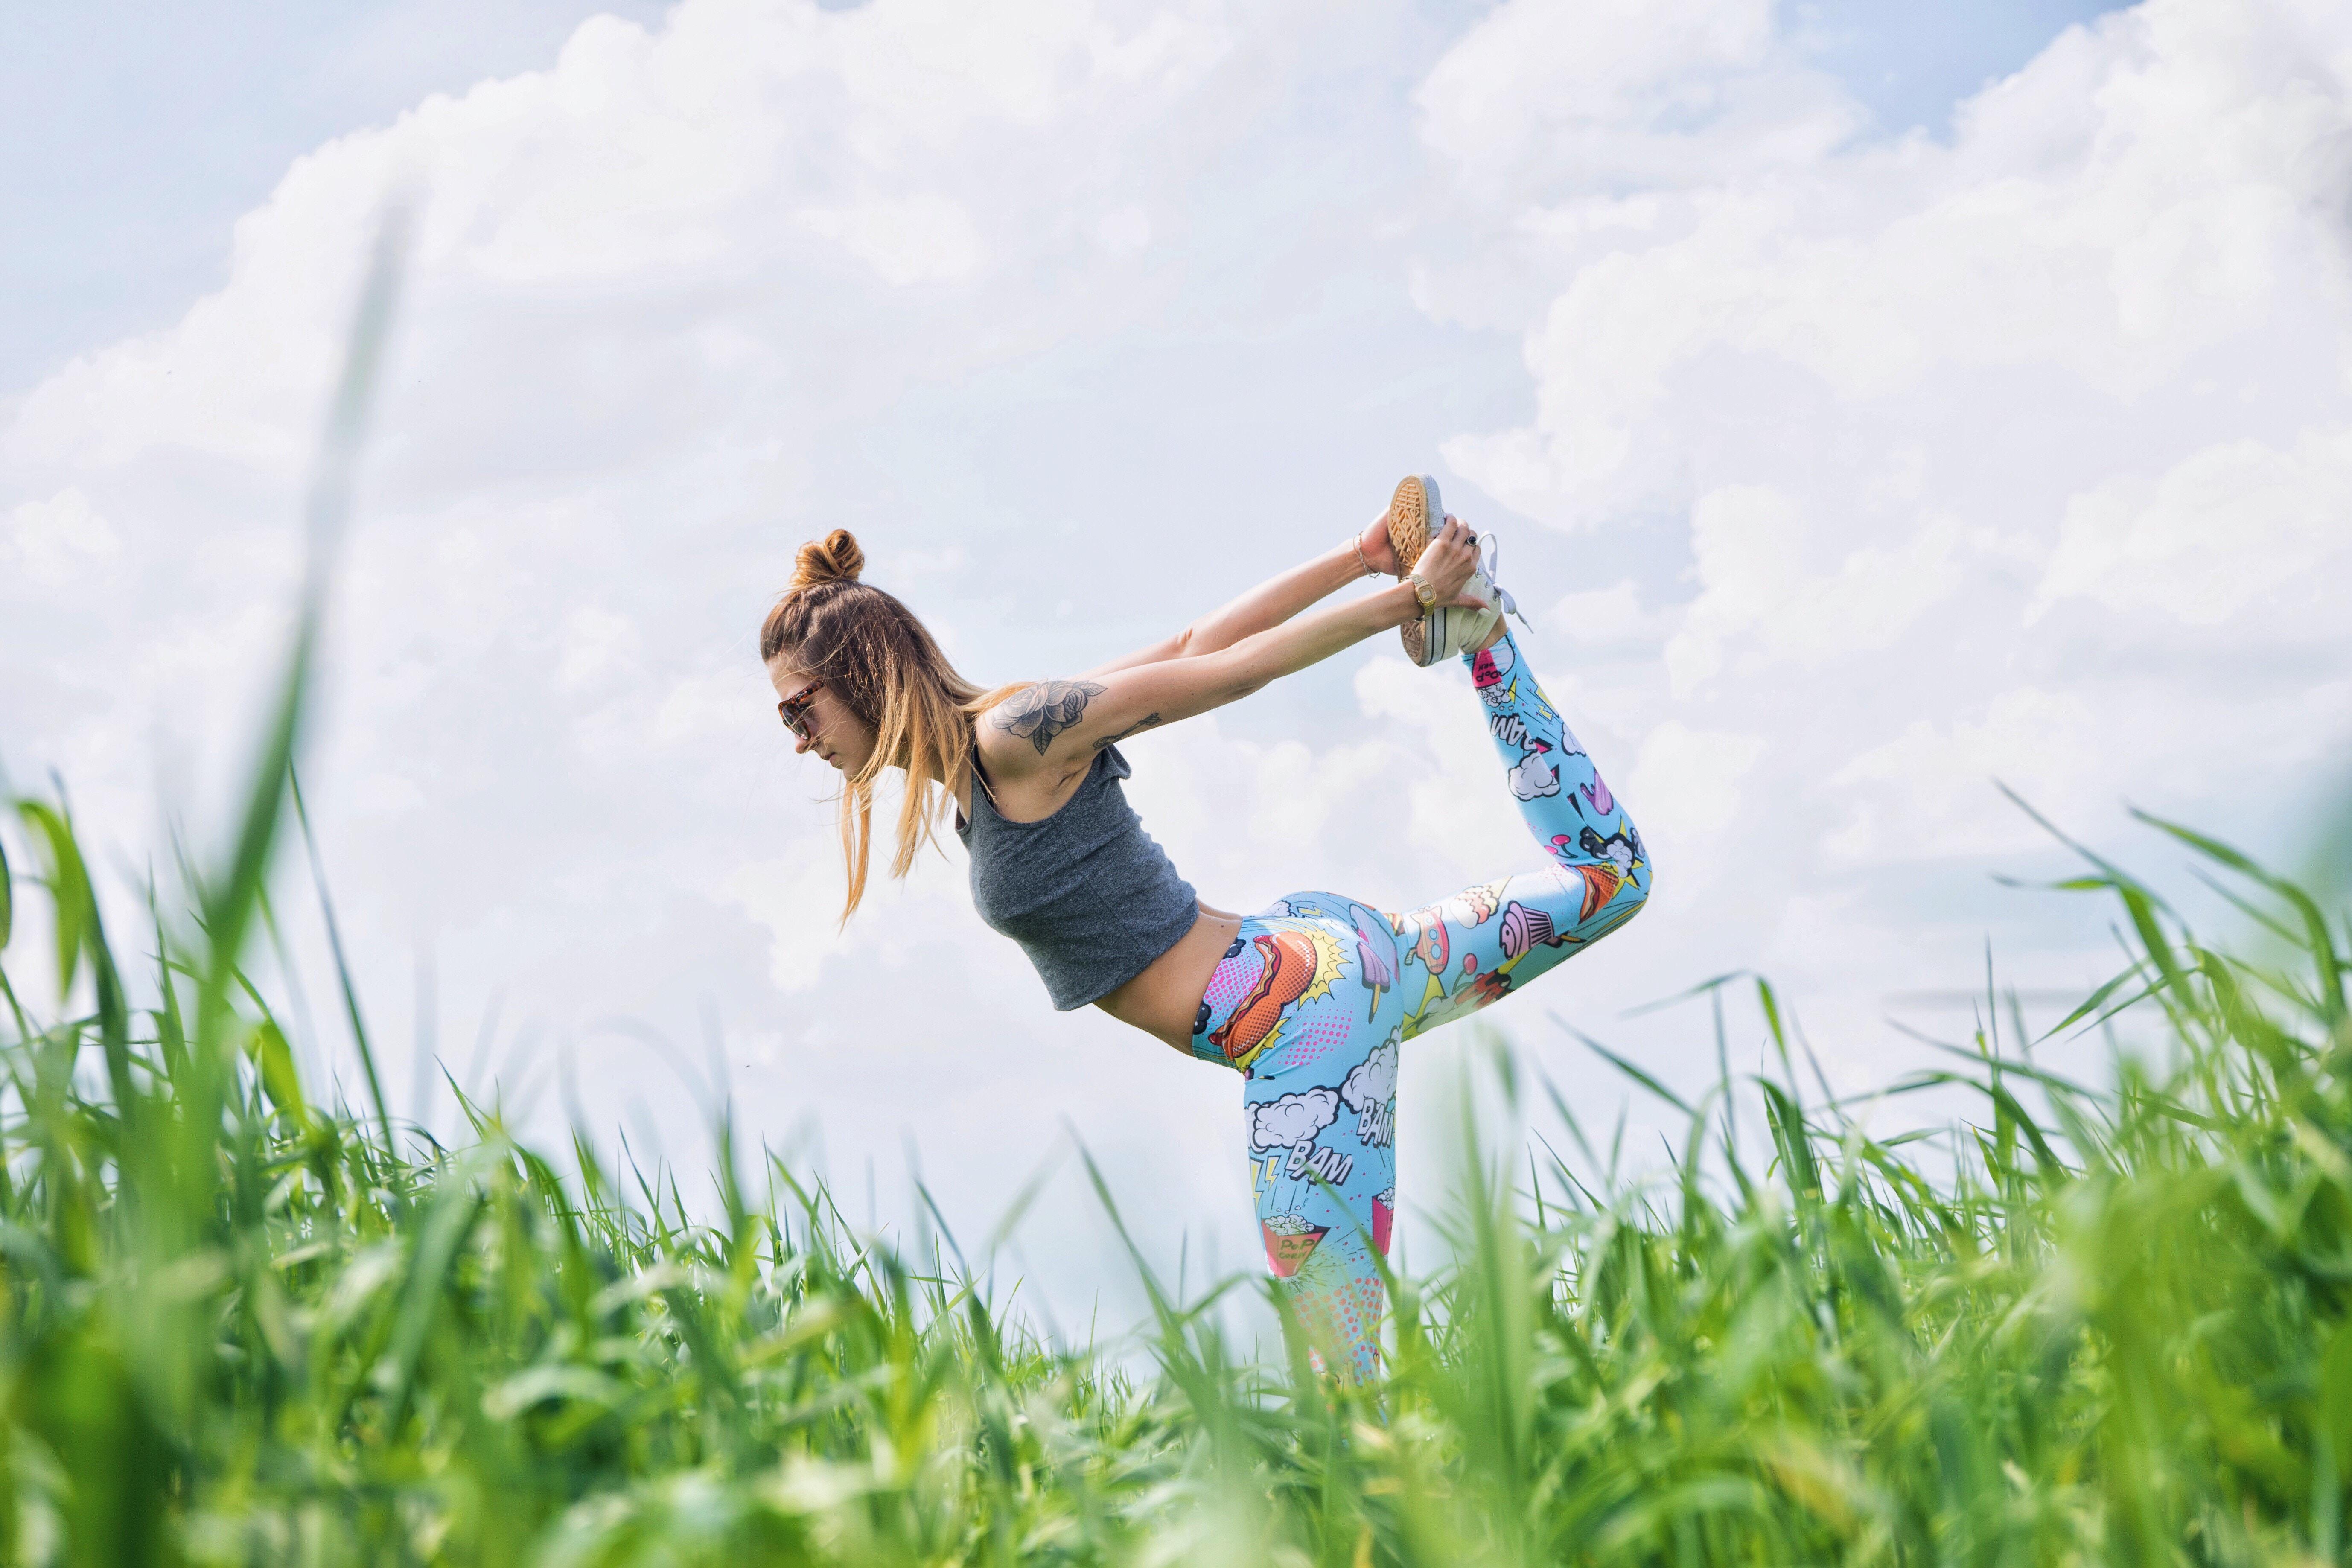 Come riscaldare i muscoli delle gambe prima dell'allenamento